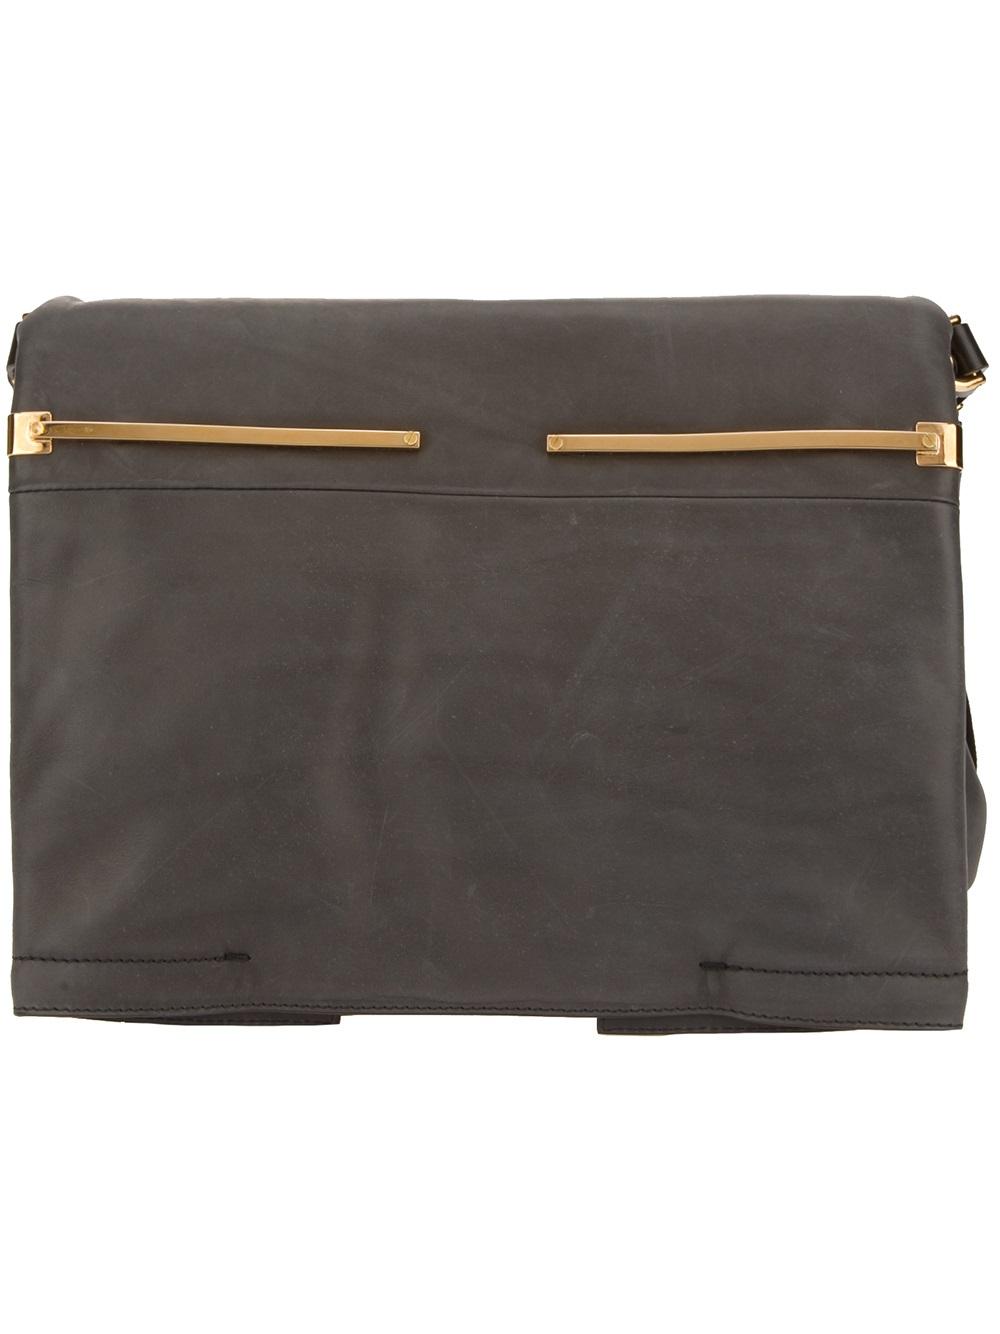 Lanvin Folding Shoulder Bag 52